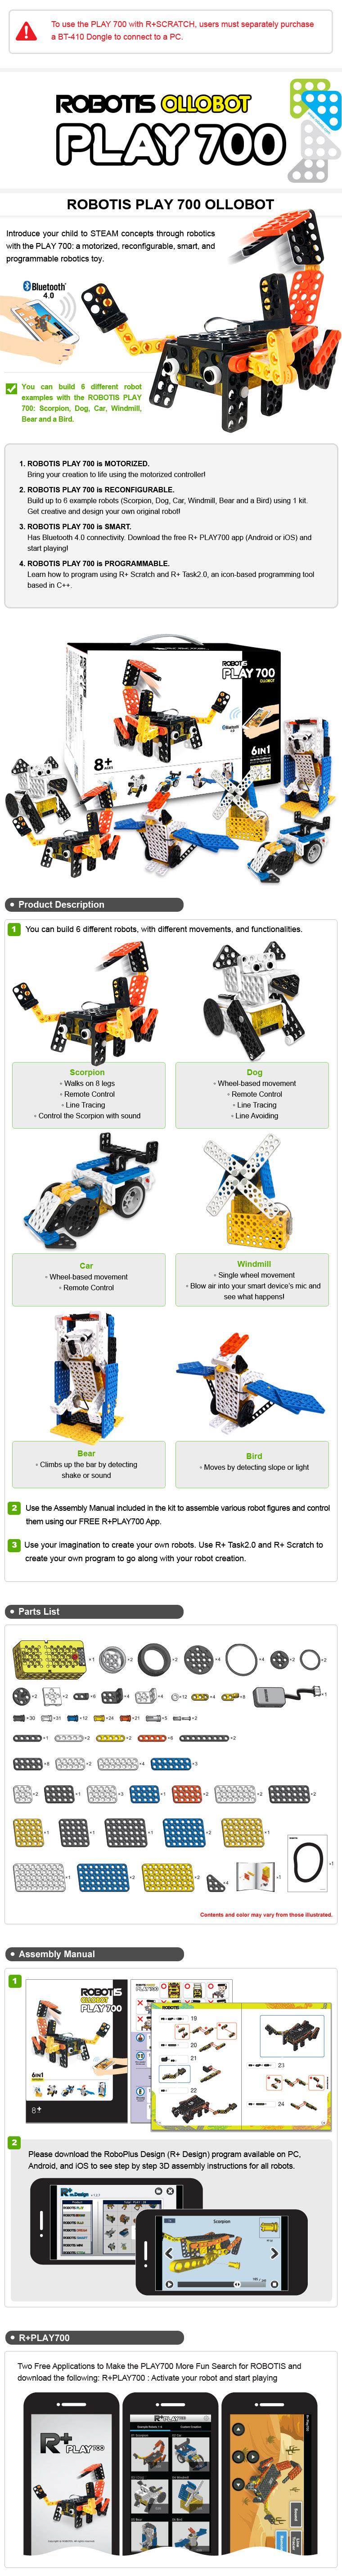 robotis-play700-ollobot-info-en-ver1918.jpg